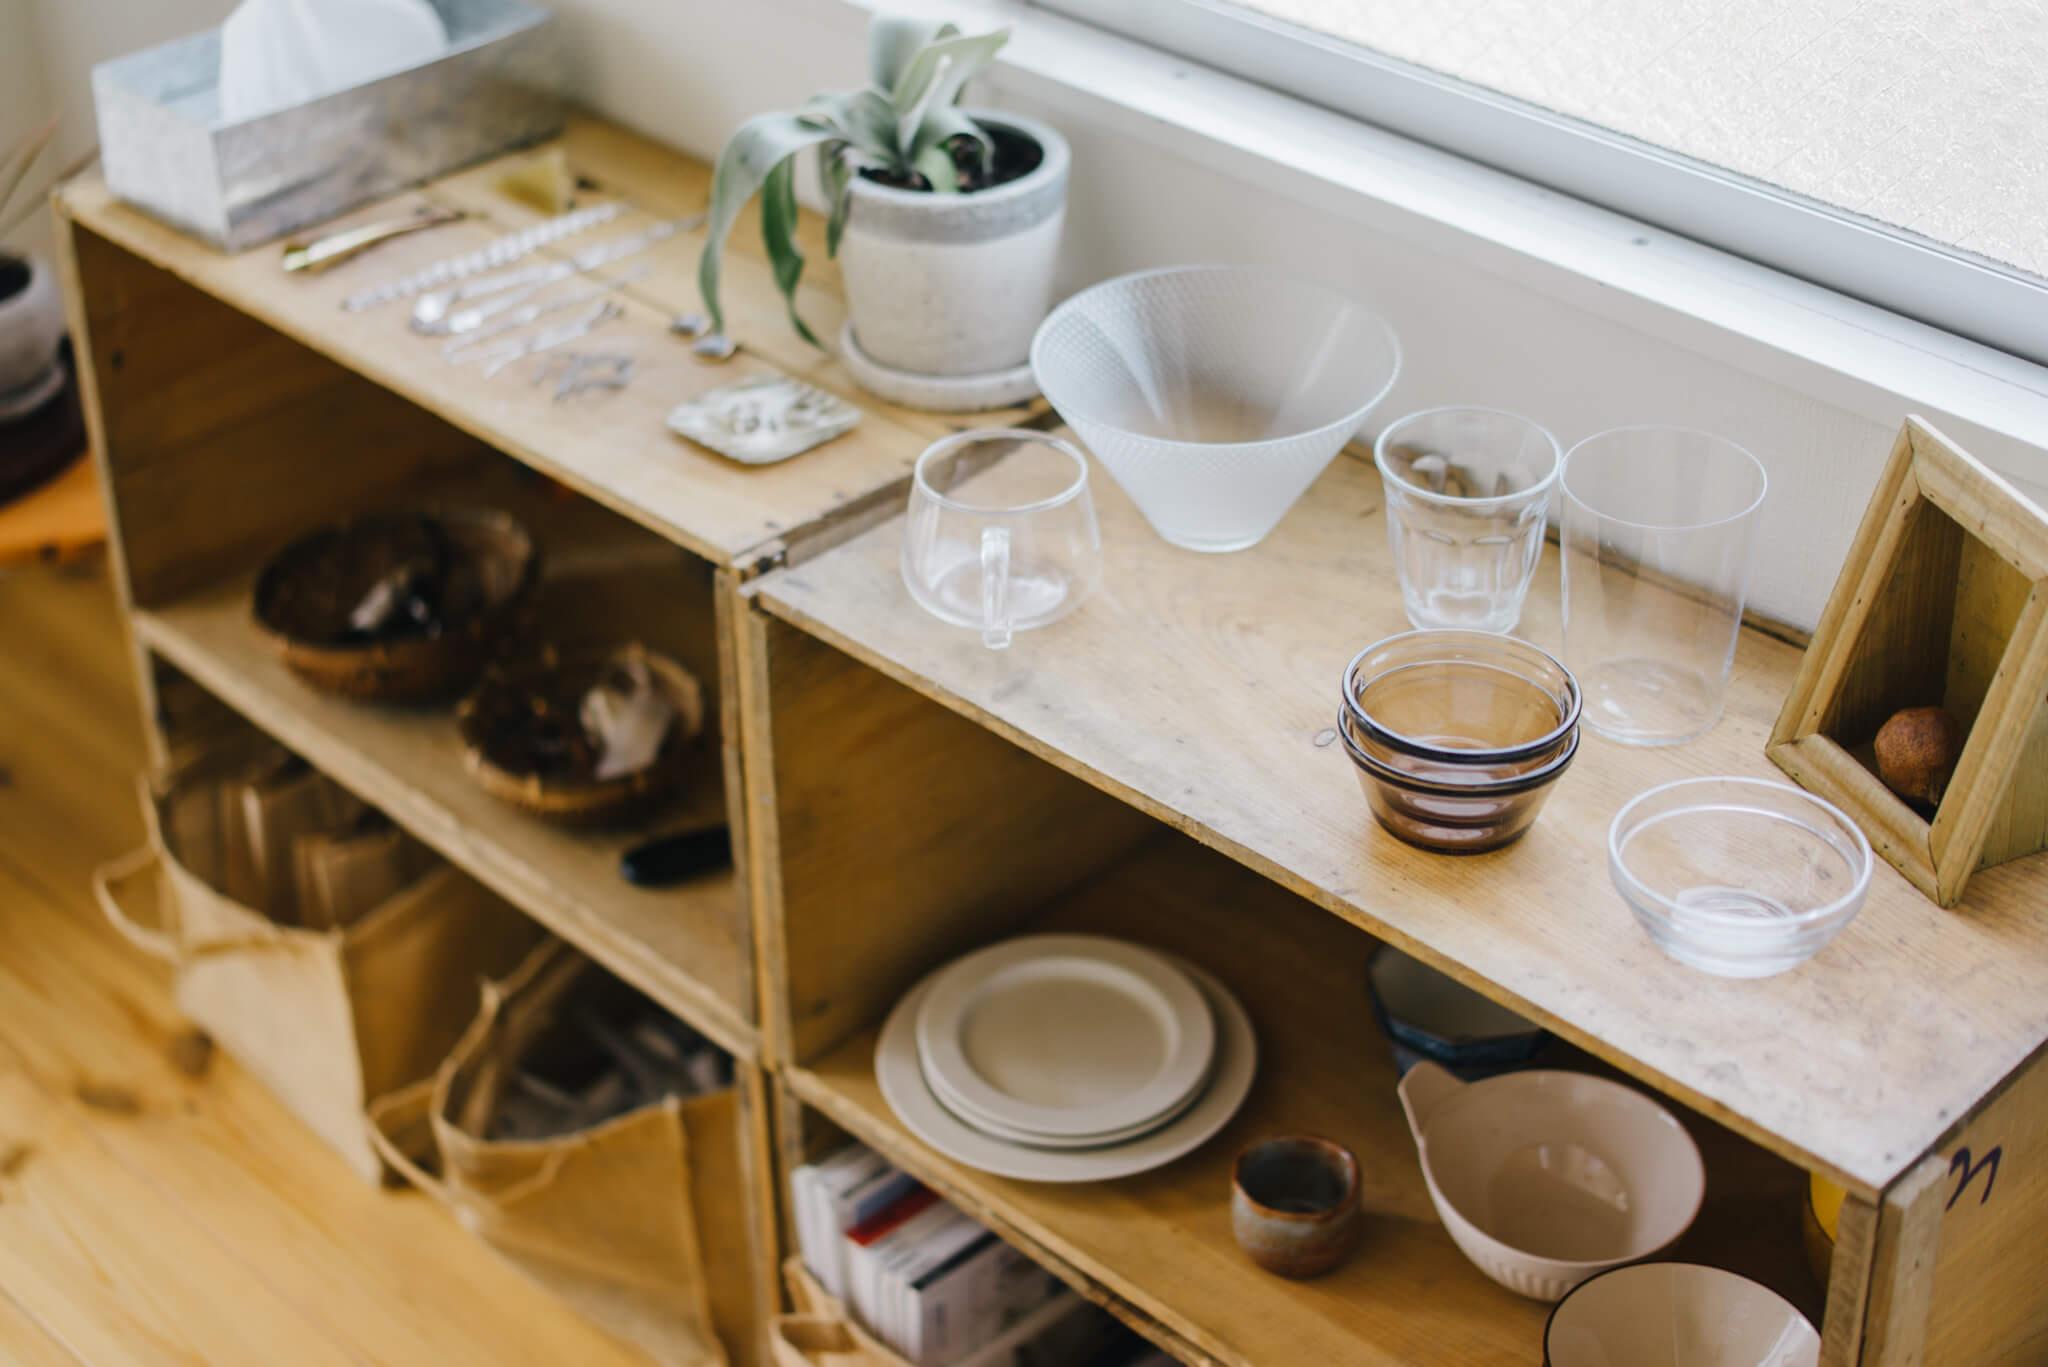 食器やアクセサリーなど、日常使いする物が収められているのに、まるでお店屋さんのような雰囲気。